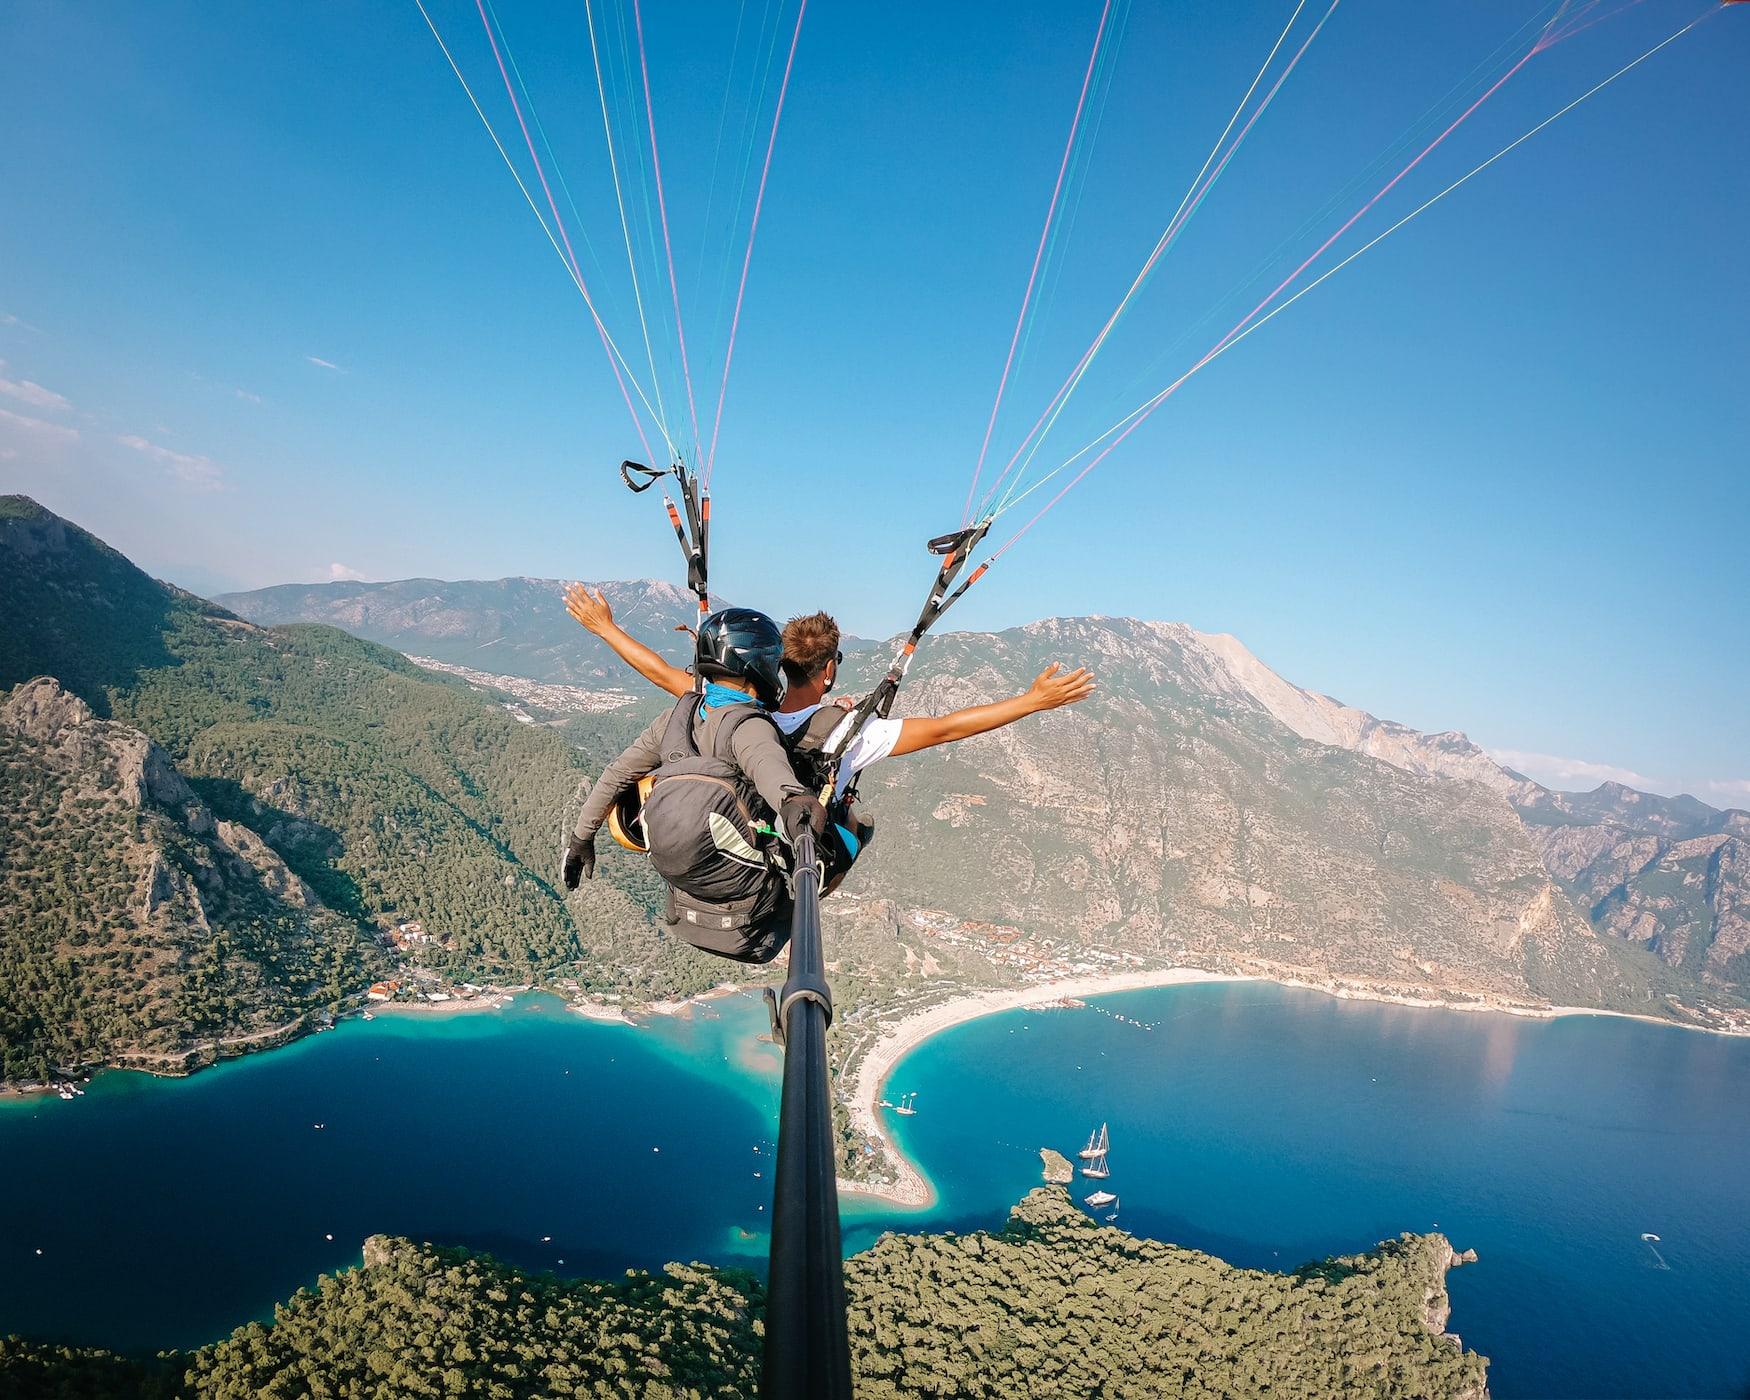 Paraglider über einem der schönen Strände in Europa: Ölüdeniz in der Türkei